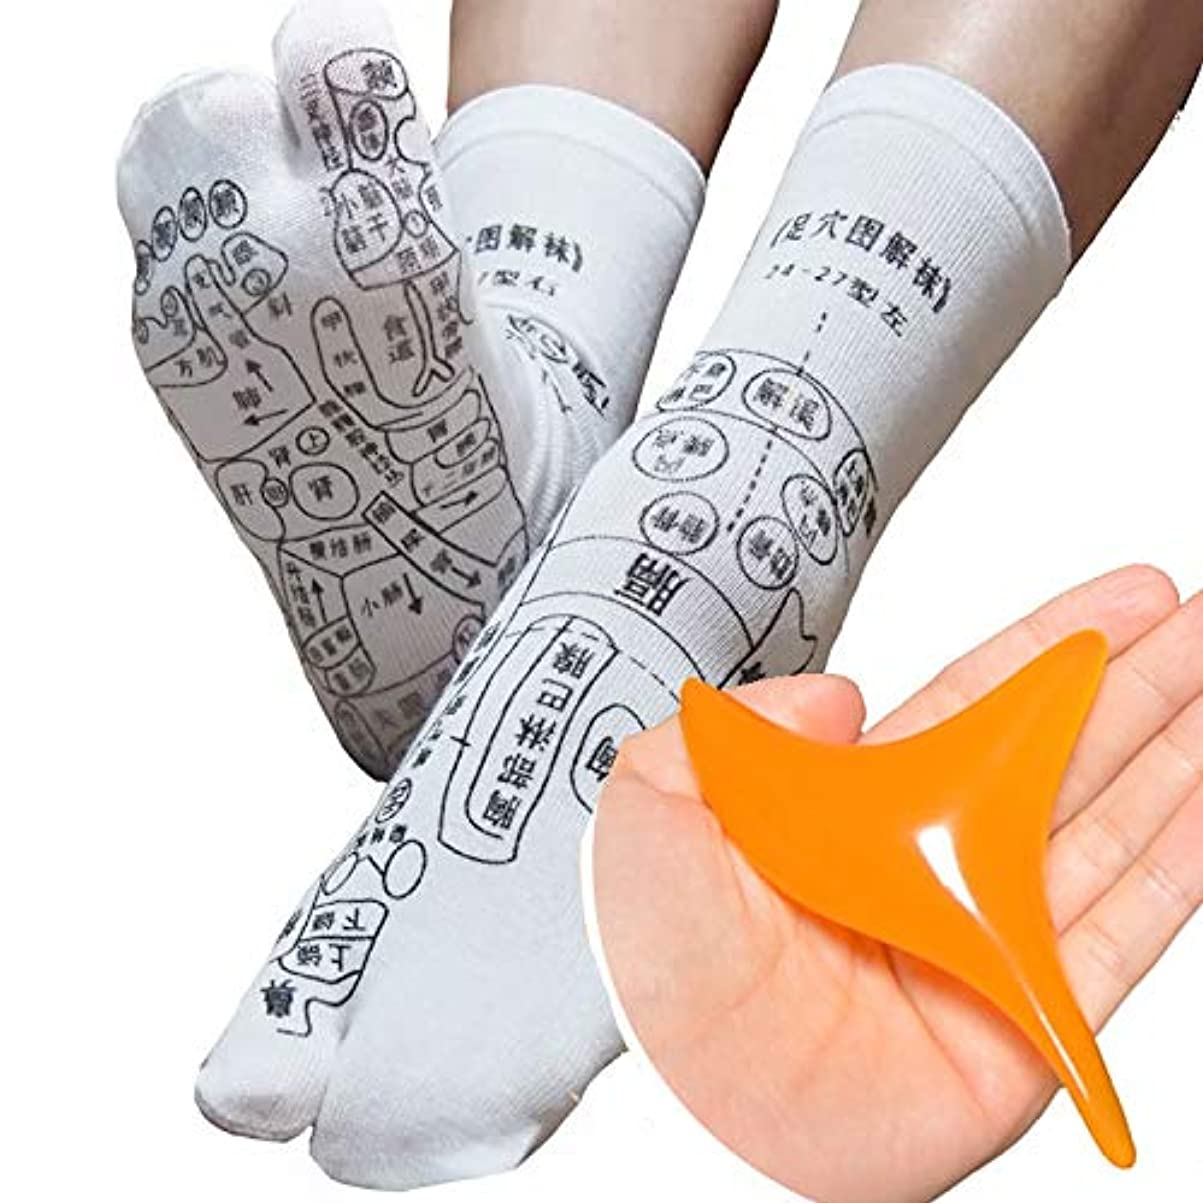 打ち負かすデクリメント無声で足全体のツボが「見える」プリントソックス オカリナ型カッサ付き 足裏つぼおしソックス 足ツボ靴下 反射区 サイズ22~26センチ 靴下の字は中国語